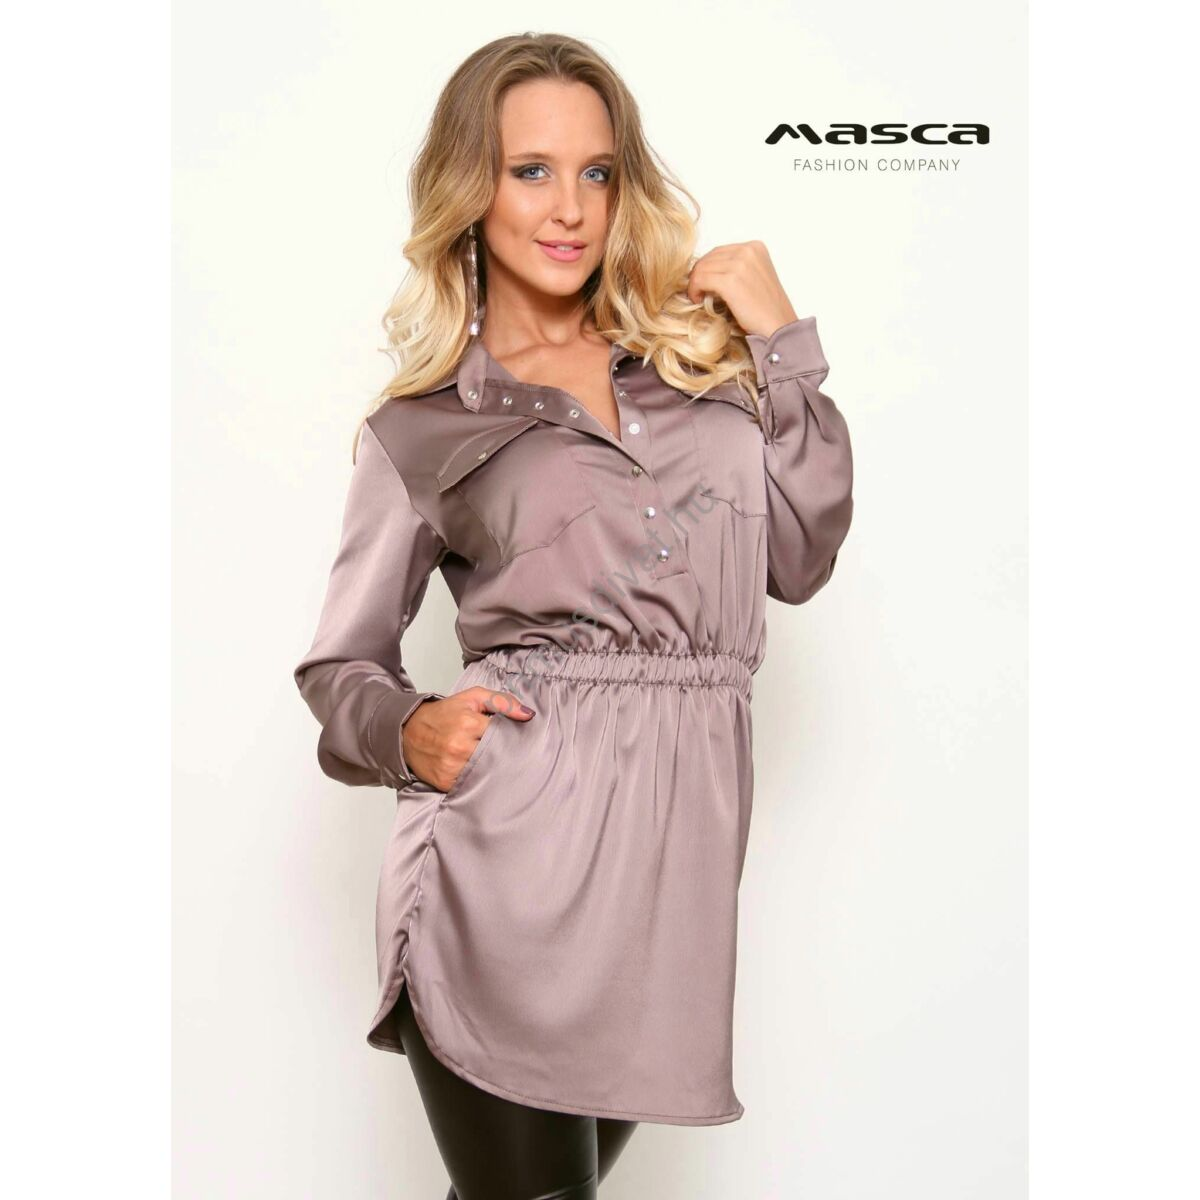 bc23730fbc Kép 1/1 - Masca Fashion galléros, patentos dekoltázsú gumis derekú drapp  szatén ingruha, rejtett zsebekkel